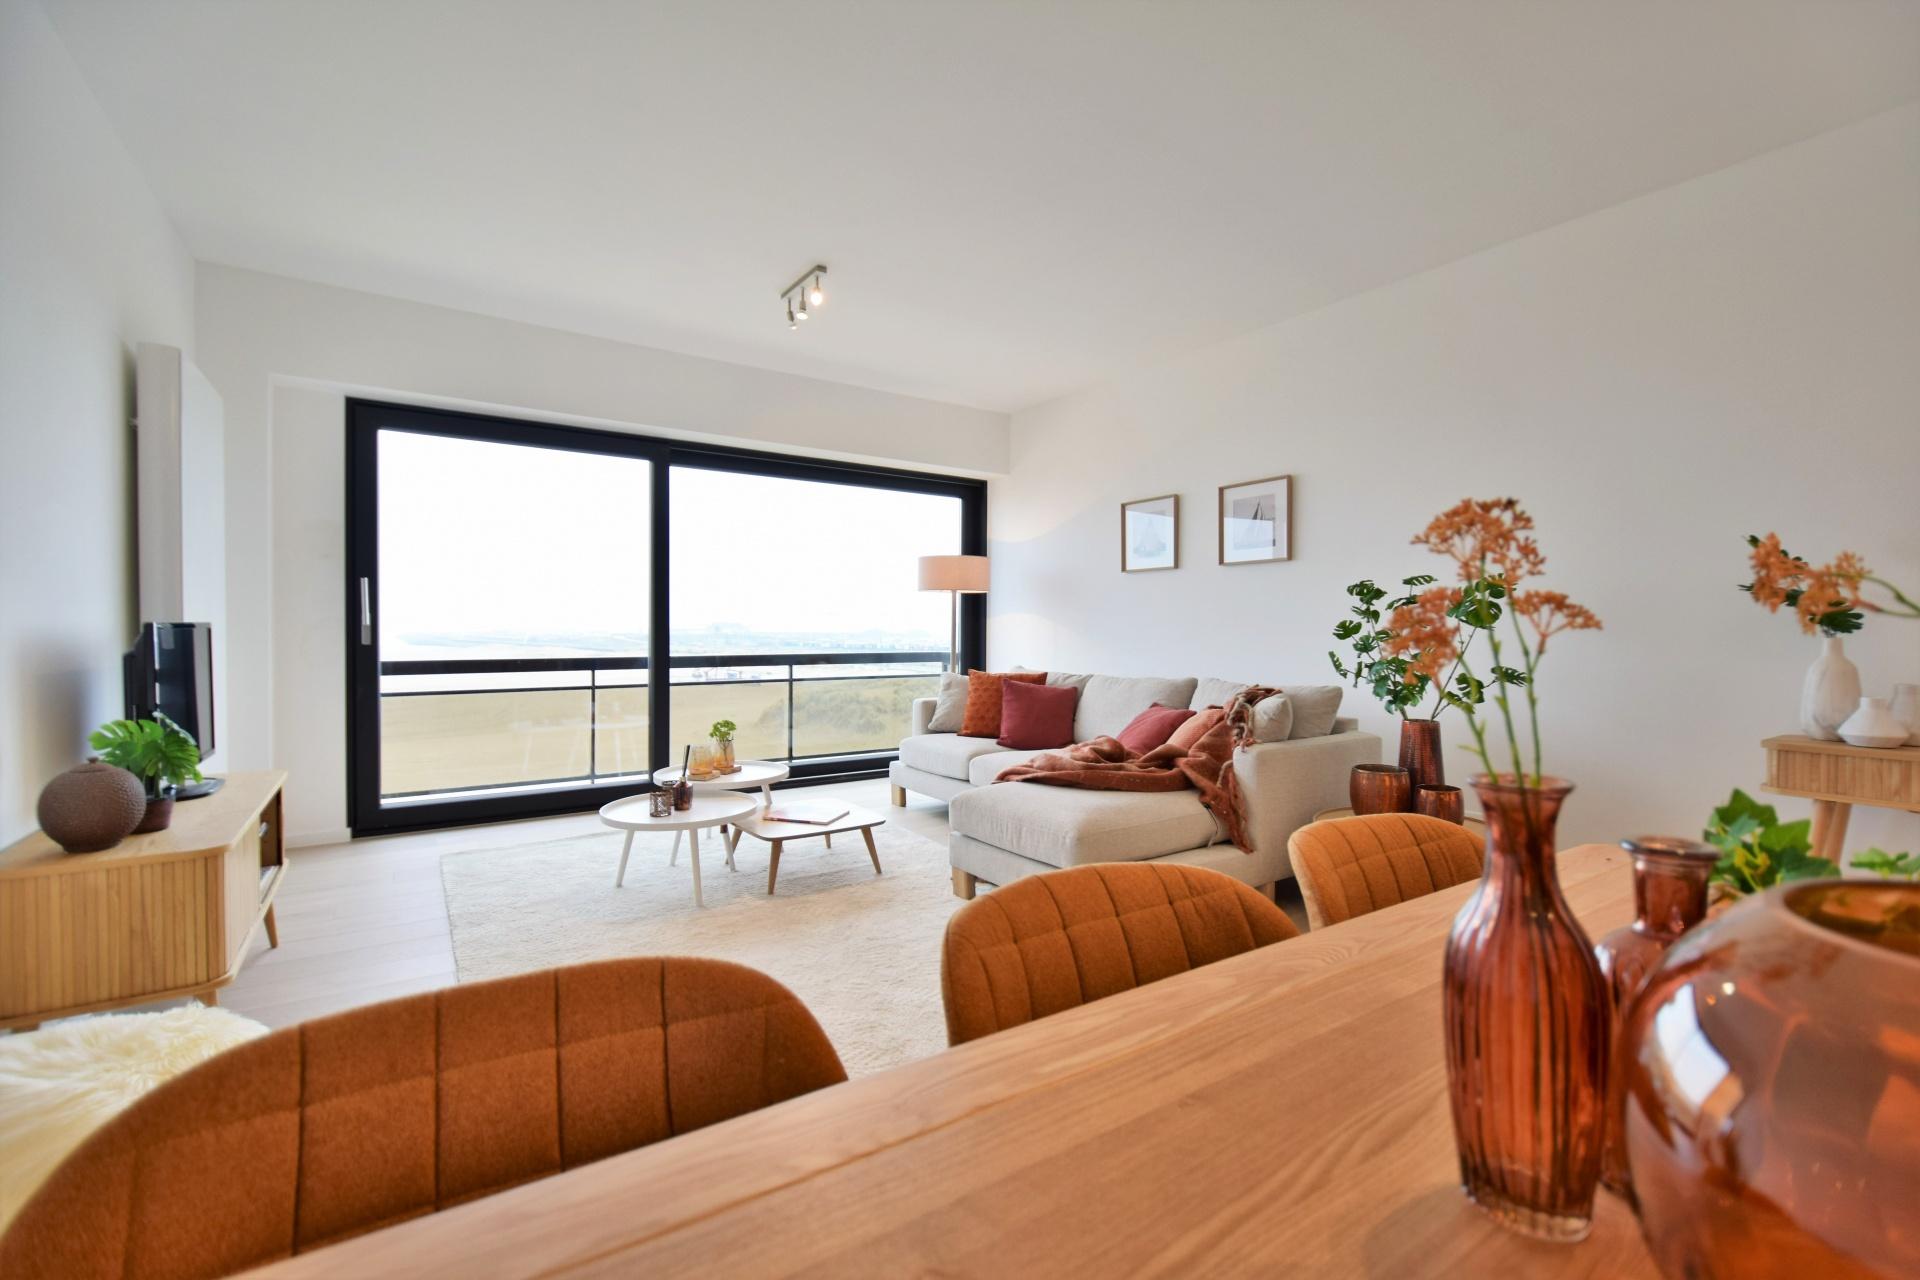 zeebrugge, vastgoed aan de kust, casa nova, styling, homestaging, stagingproperty